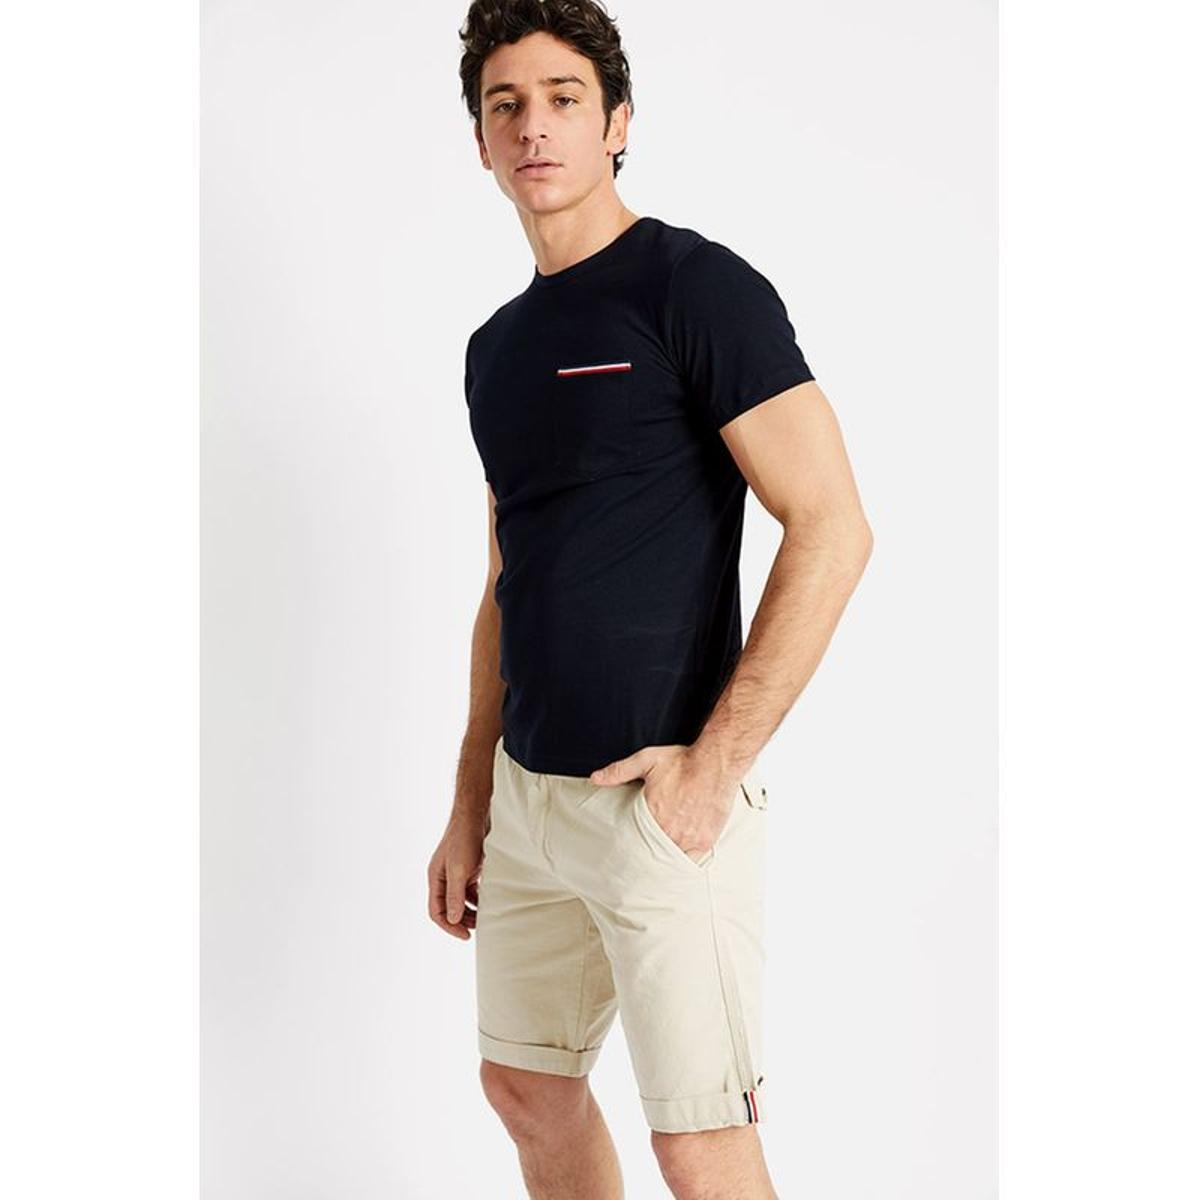 T-shirt manches courtes Marine Poche bordure Bleu Blanc Rouge